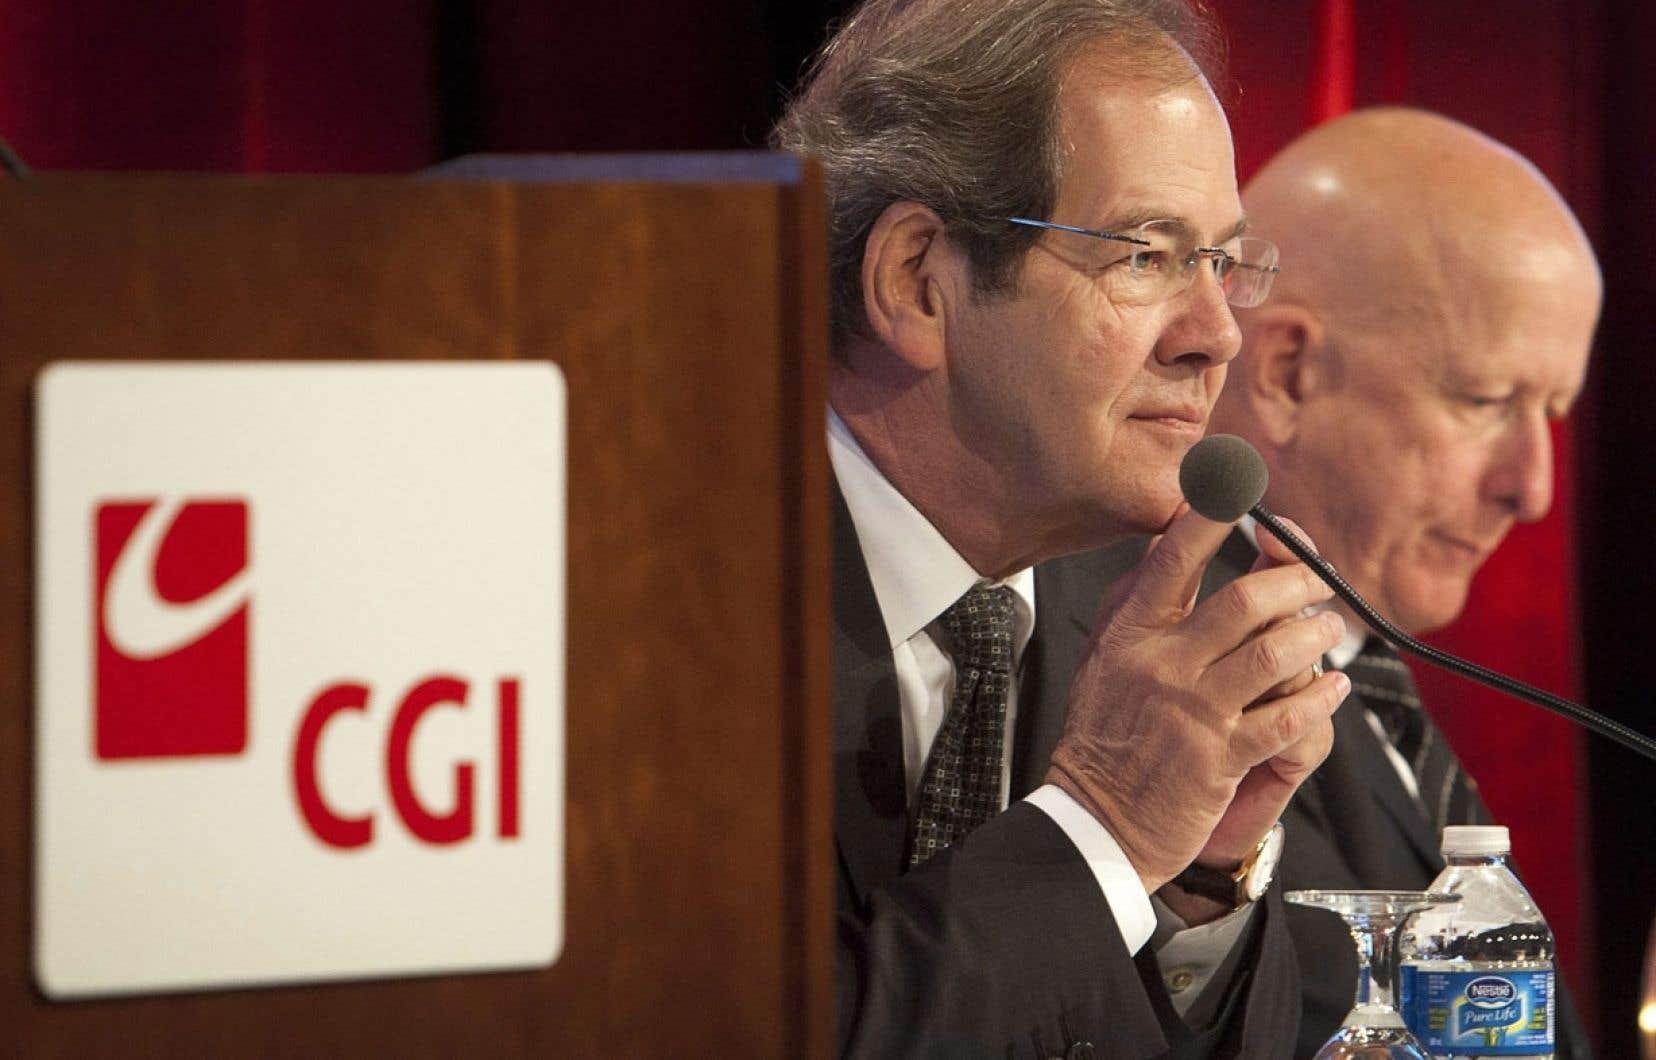 Serge Godin, fondateur et président exécutif de CGI, et Michael Roach, président et chef de la direction, croient que l'entreprise ne souffrira pas de la mauvaise publicité faite autour des difficultés de mise en œuvre du site Healthcare.gov.